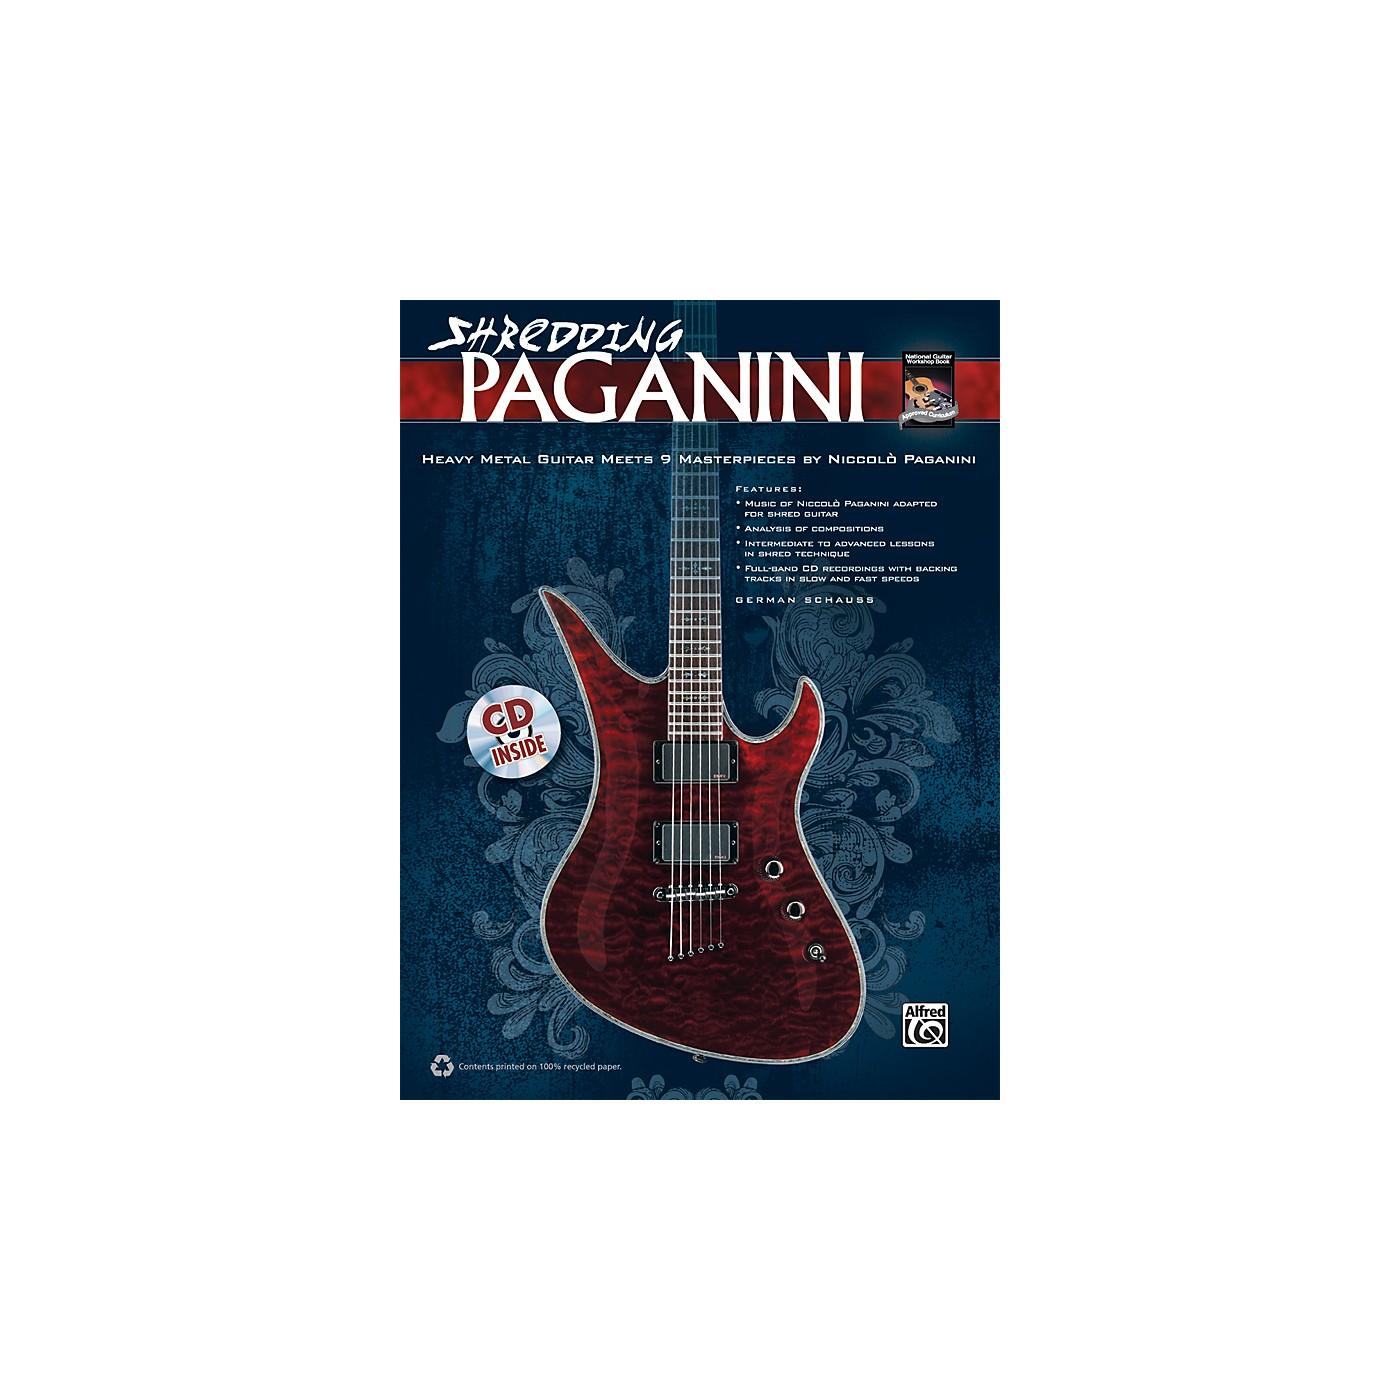 Alfred Shredding Paganini - Book & CD thumbnail